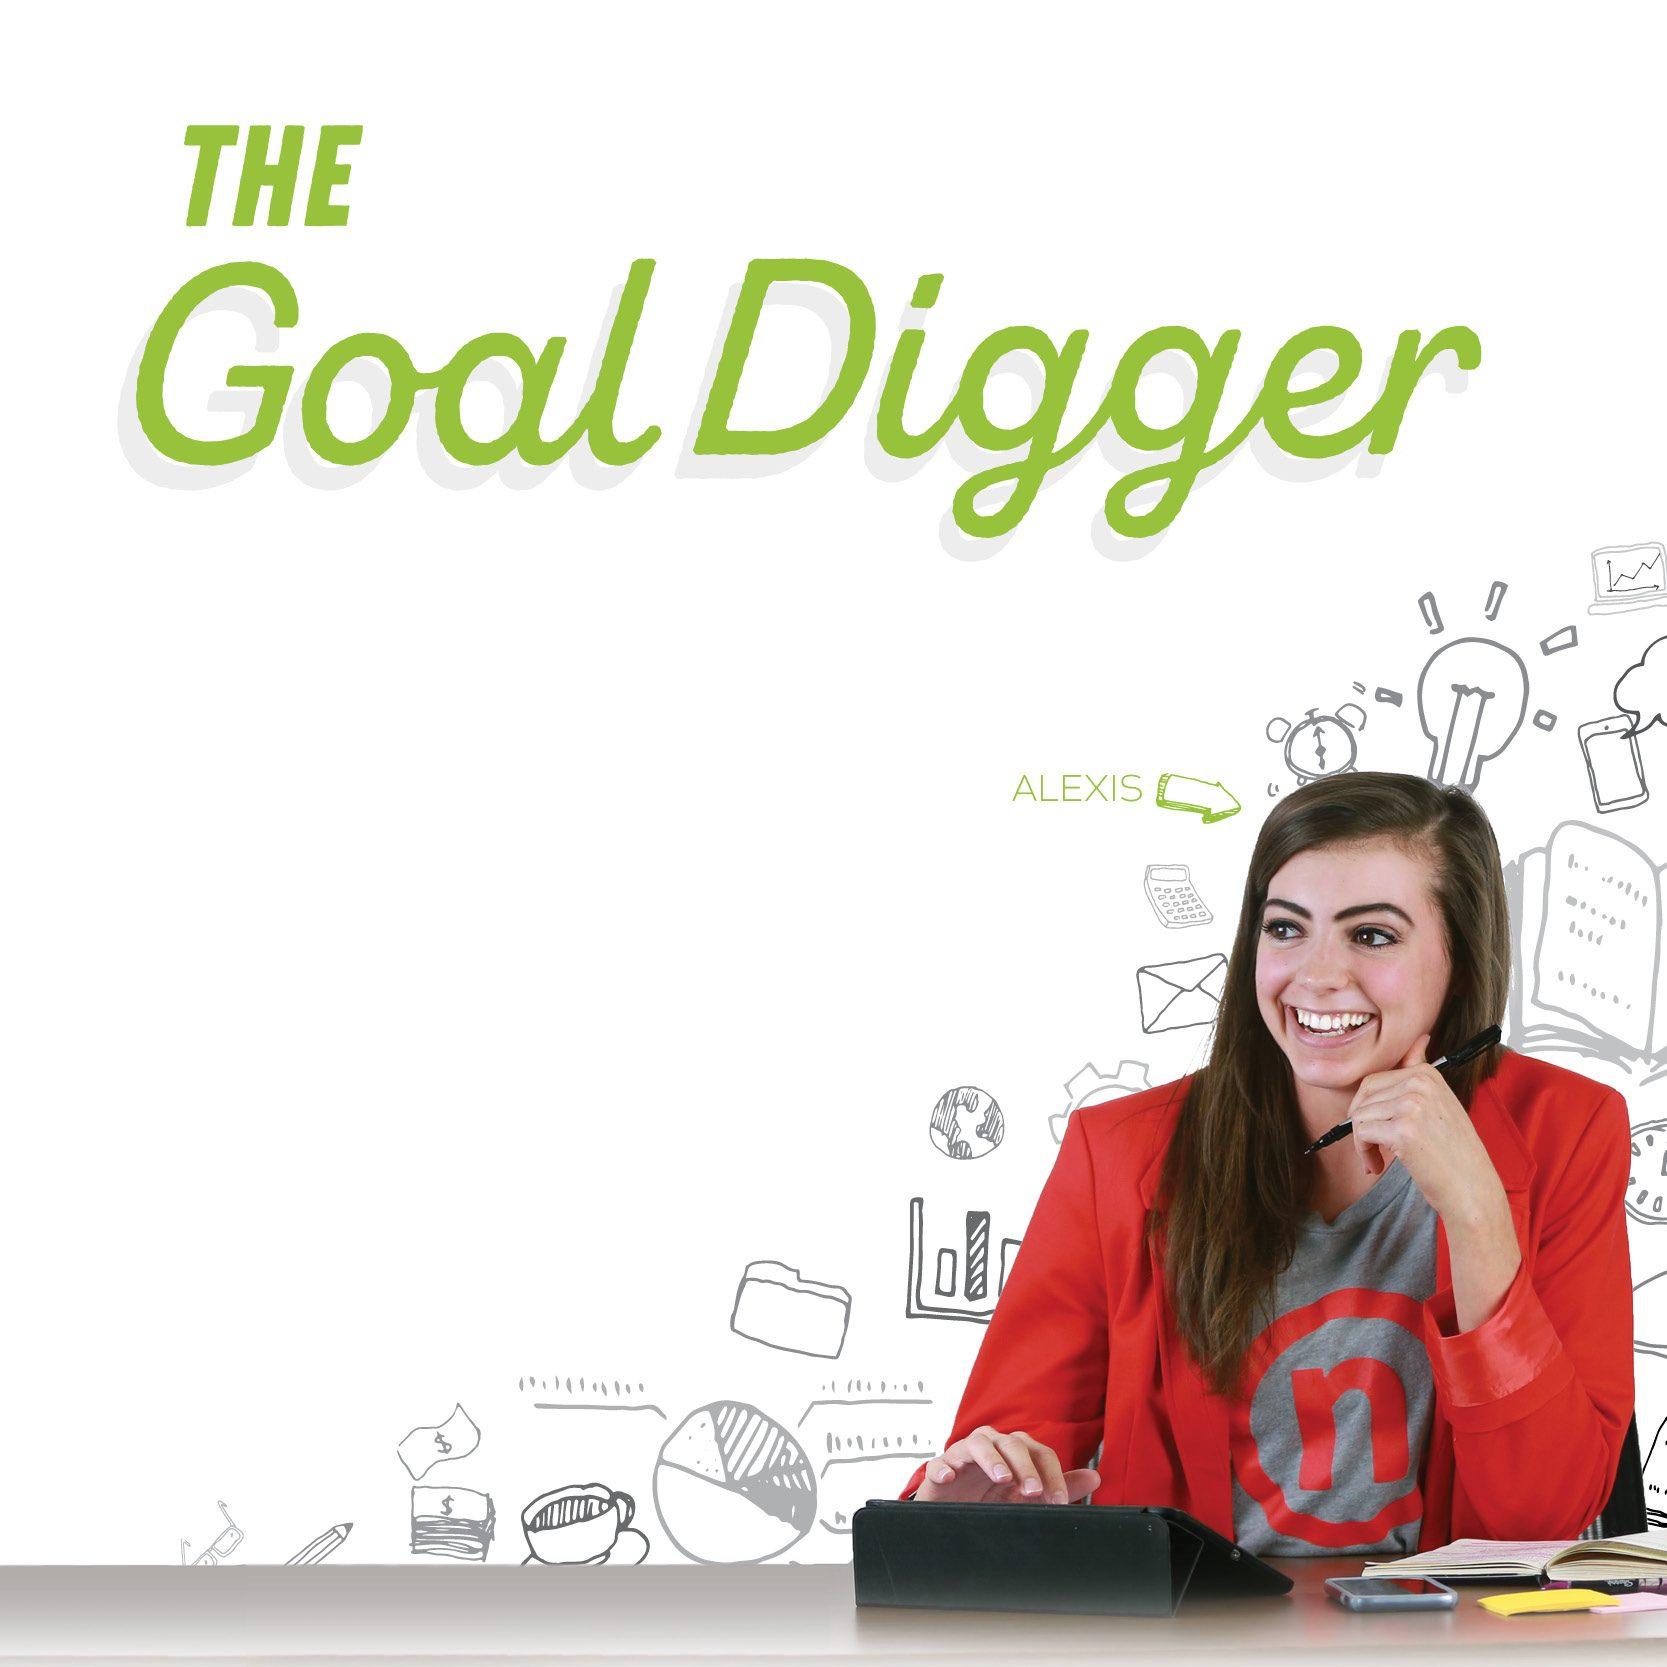 Nelnet wellness goal digger share the health